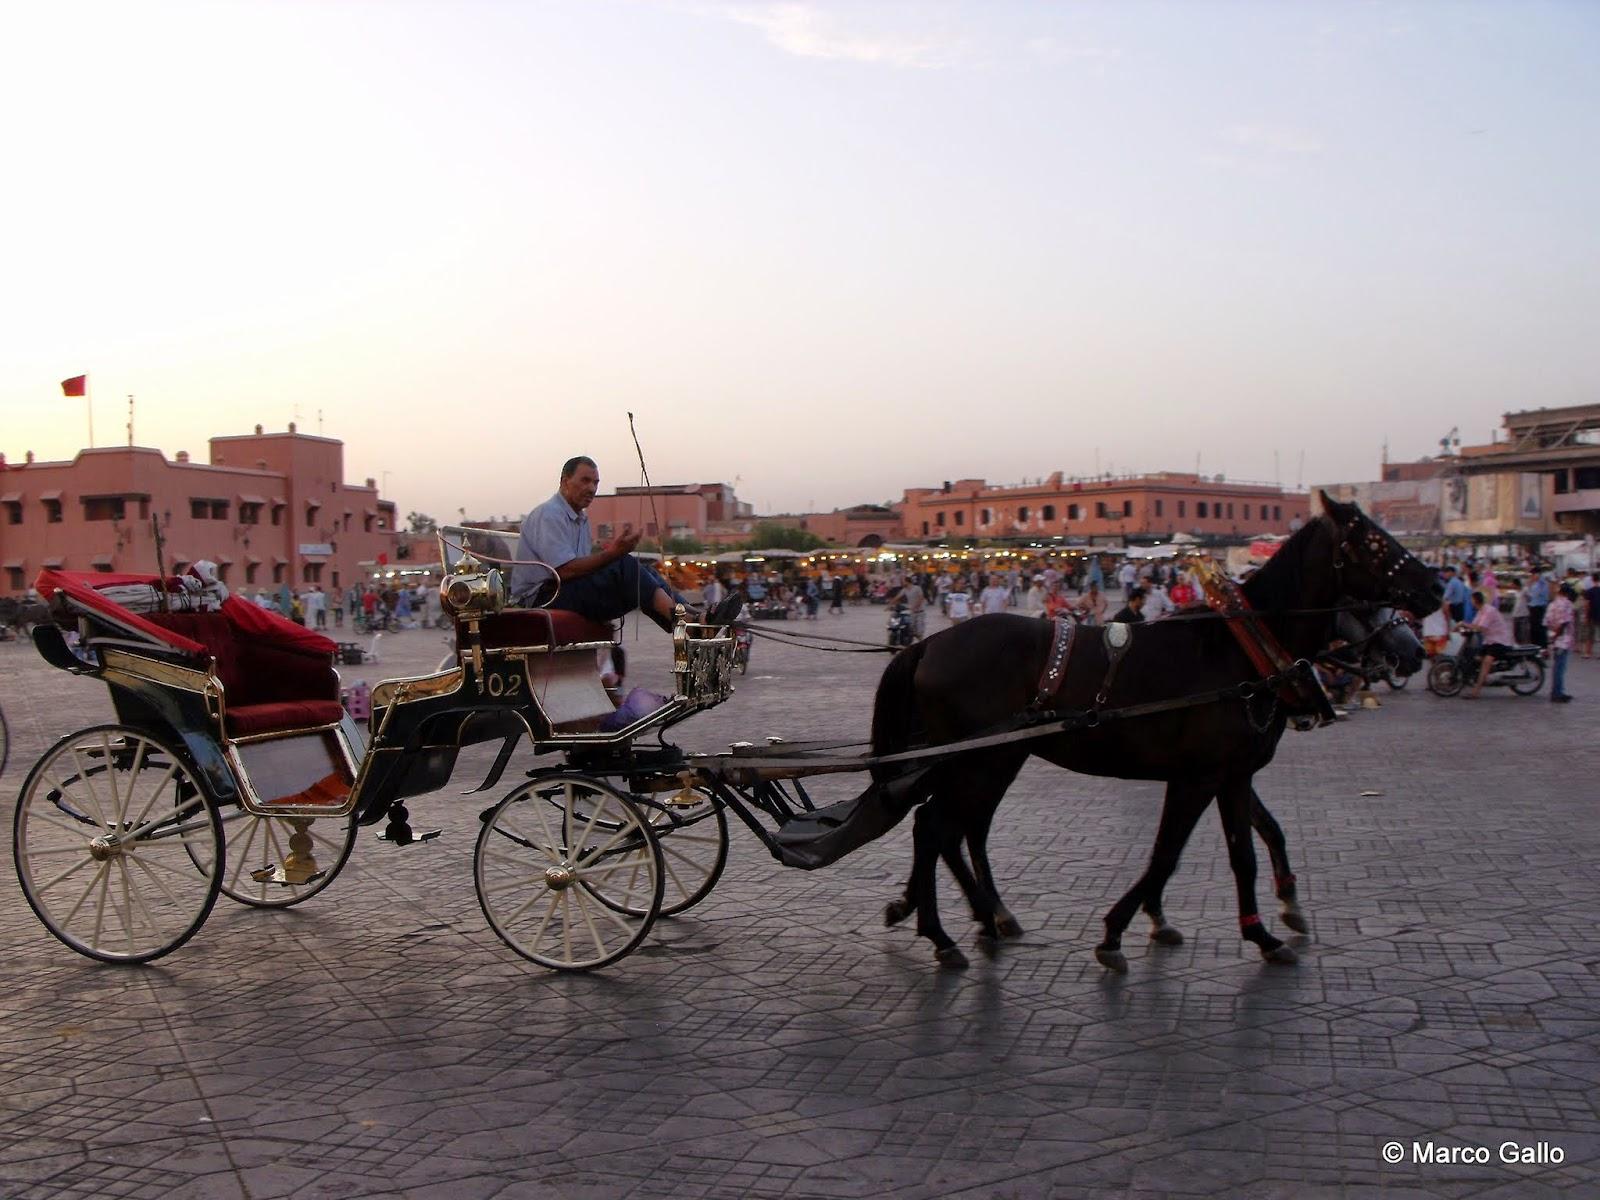 Vivir viajando: Plaza Djemaa el Fna. Marrakech. Marruecos.